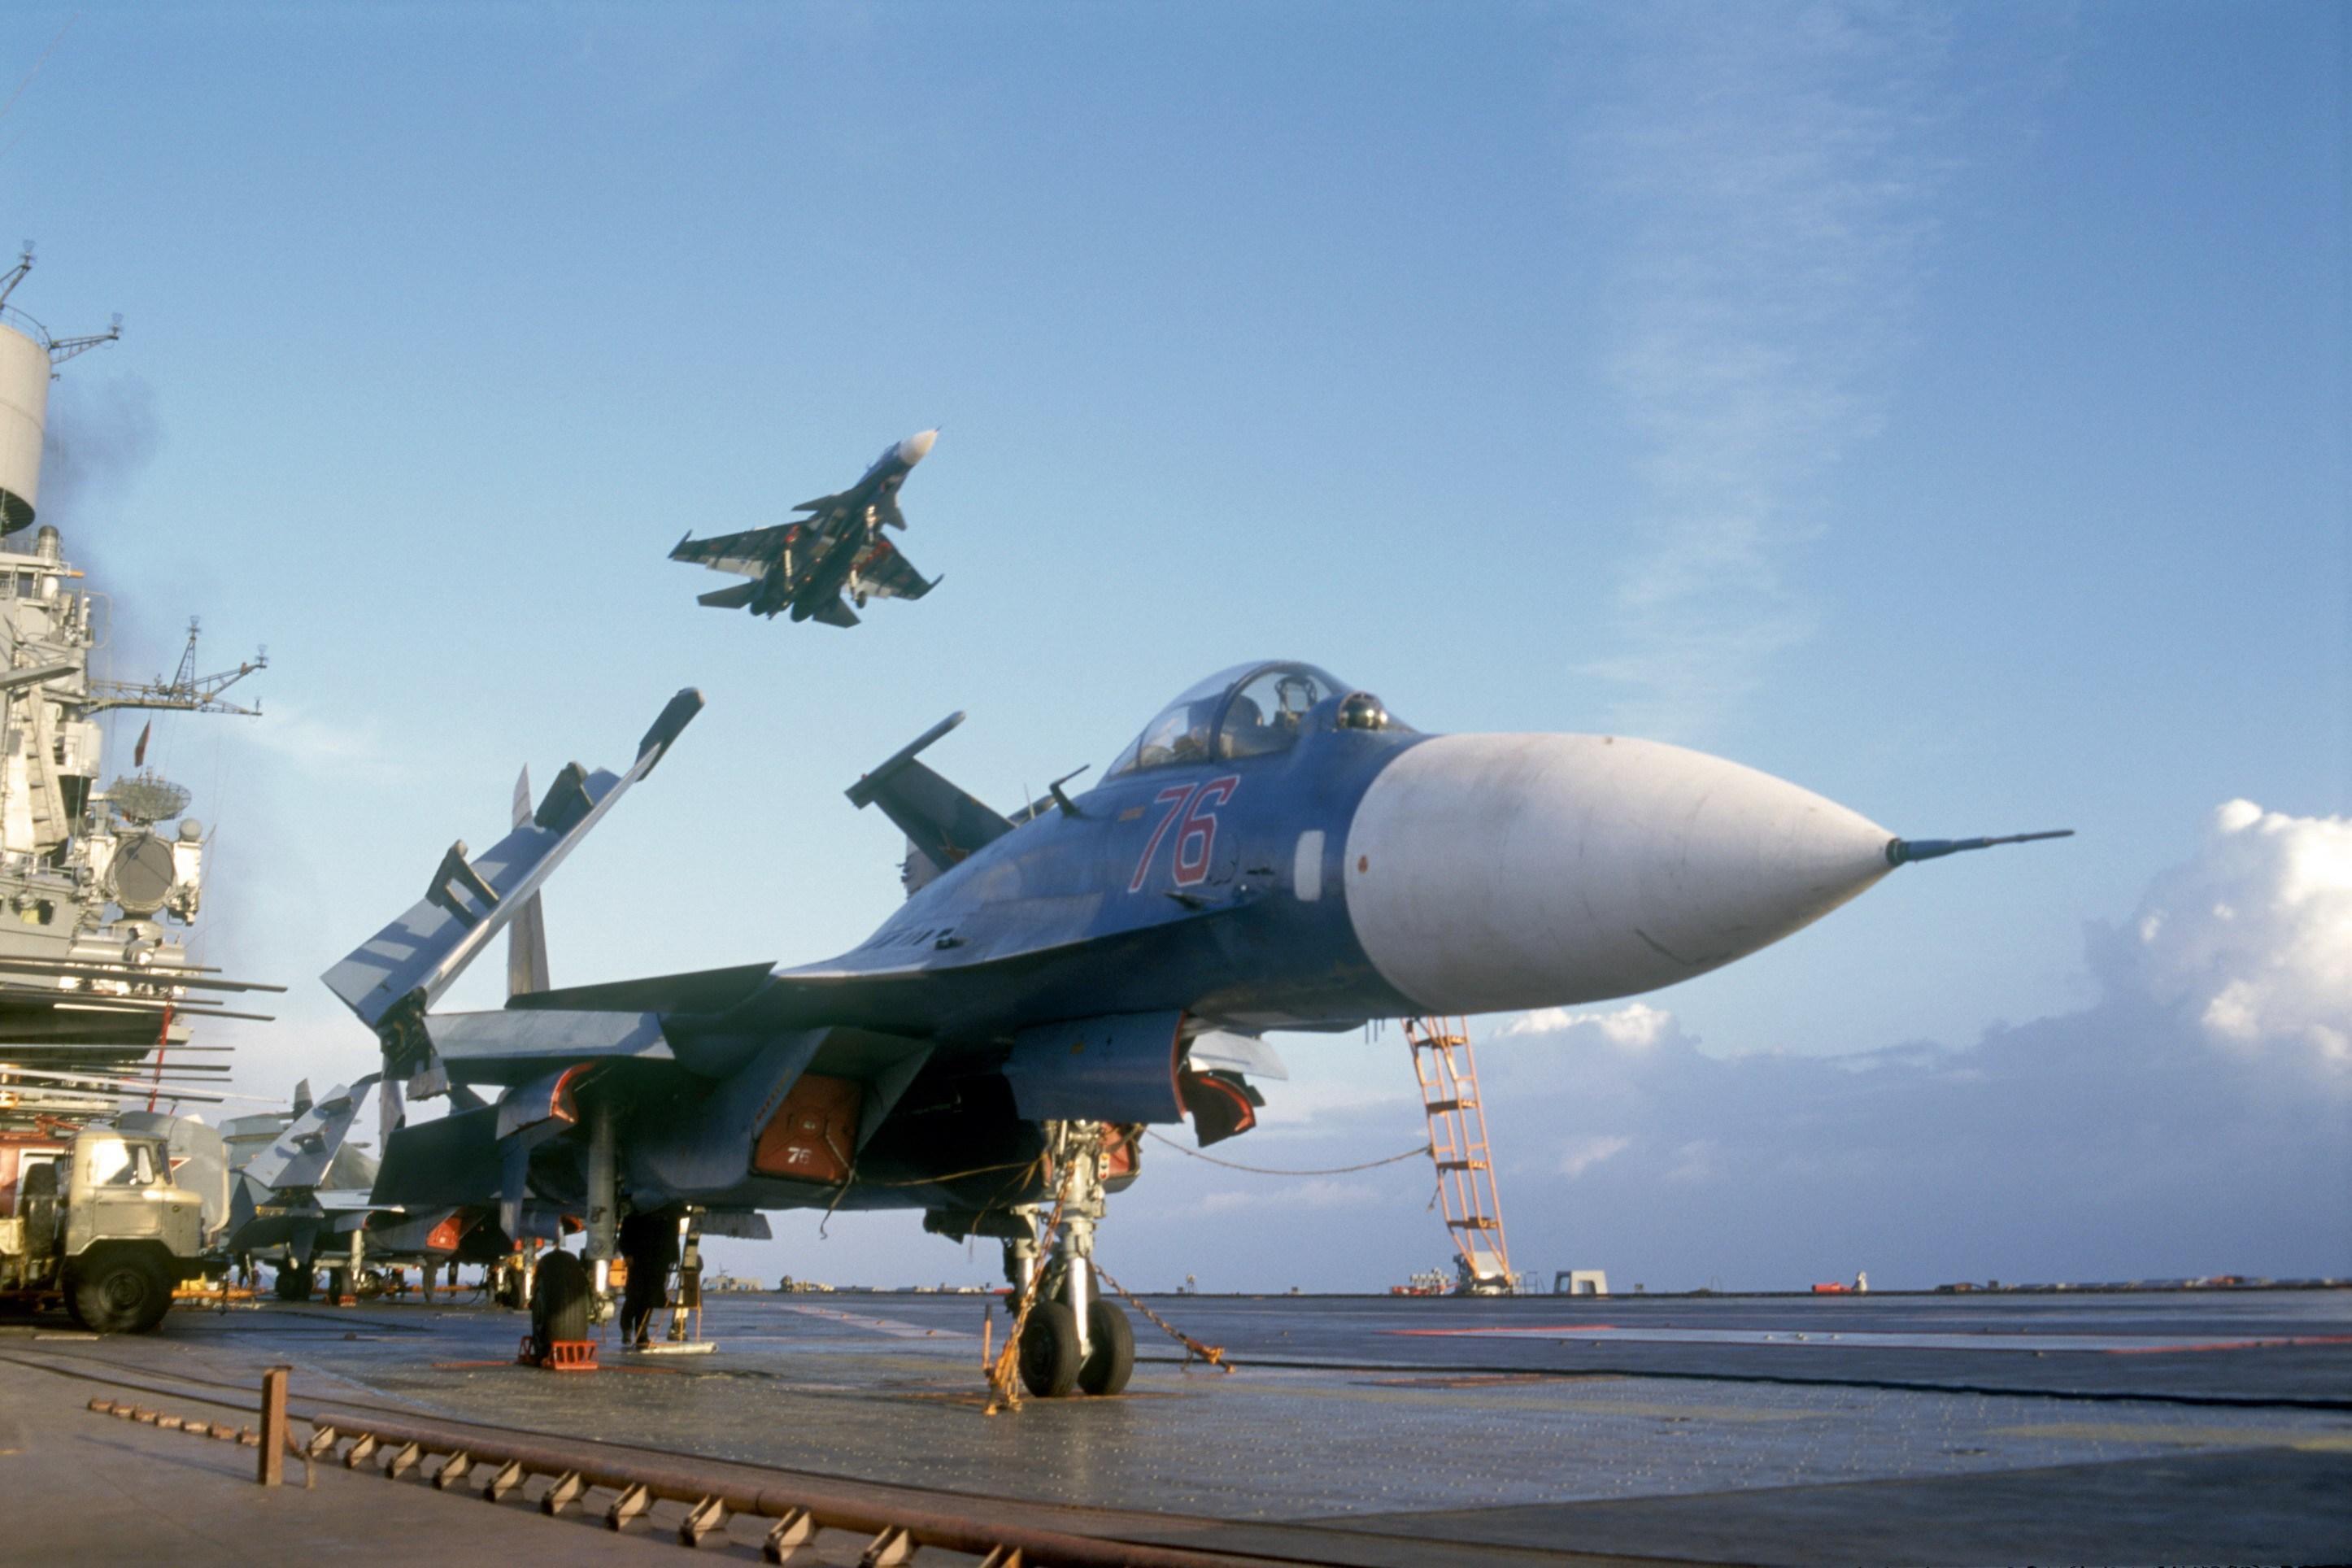 俄罗斯舰载飞行员已没有航母练起降,专家支招快找辽宁舰帮忙